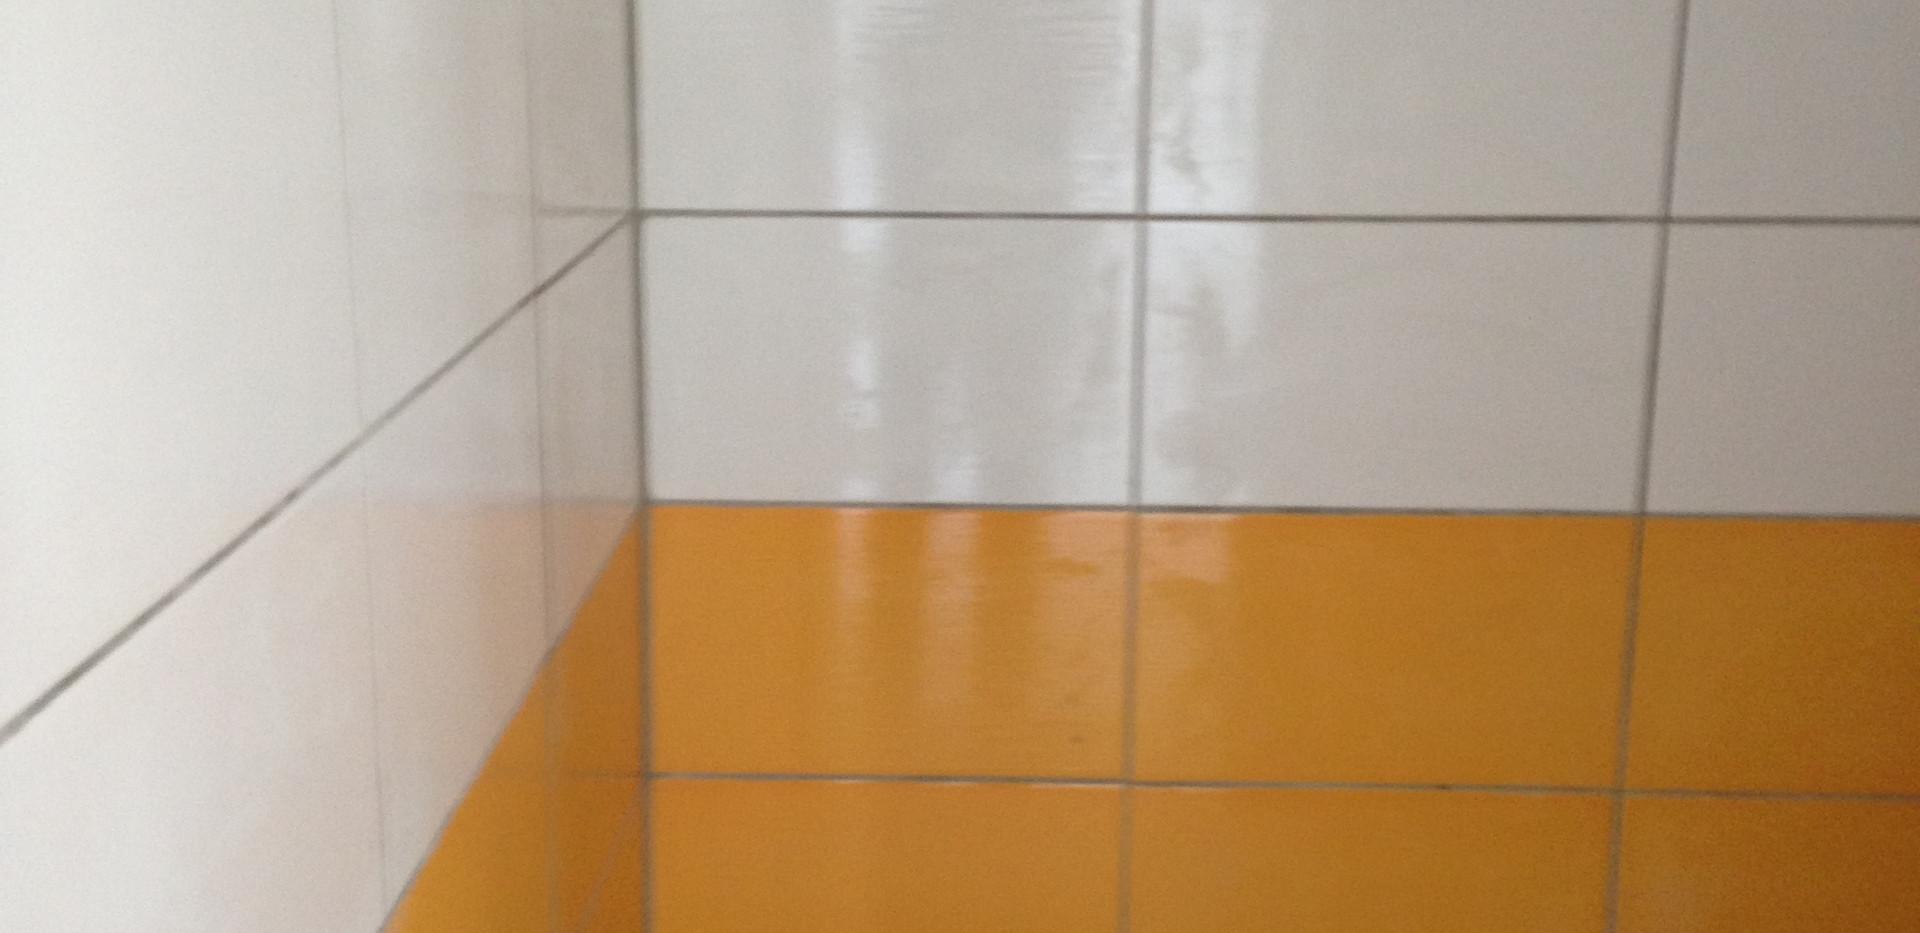 Travaux aménagement intérieur et extérieur 7 ESO BTP - Travaux de construction et rénovation - Guadeloupe